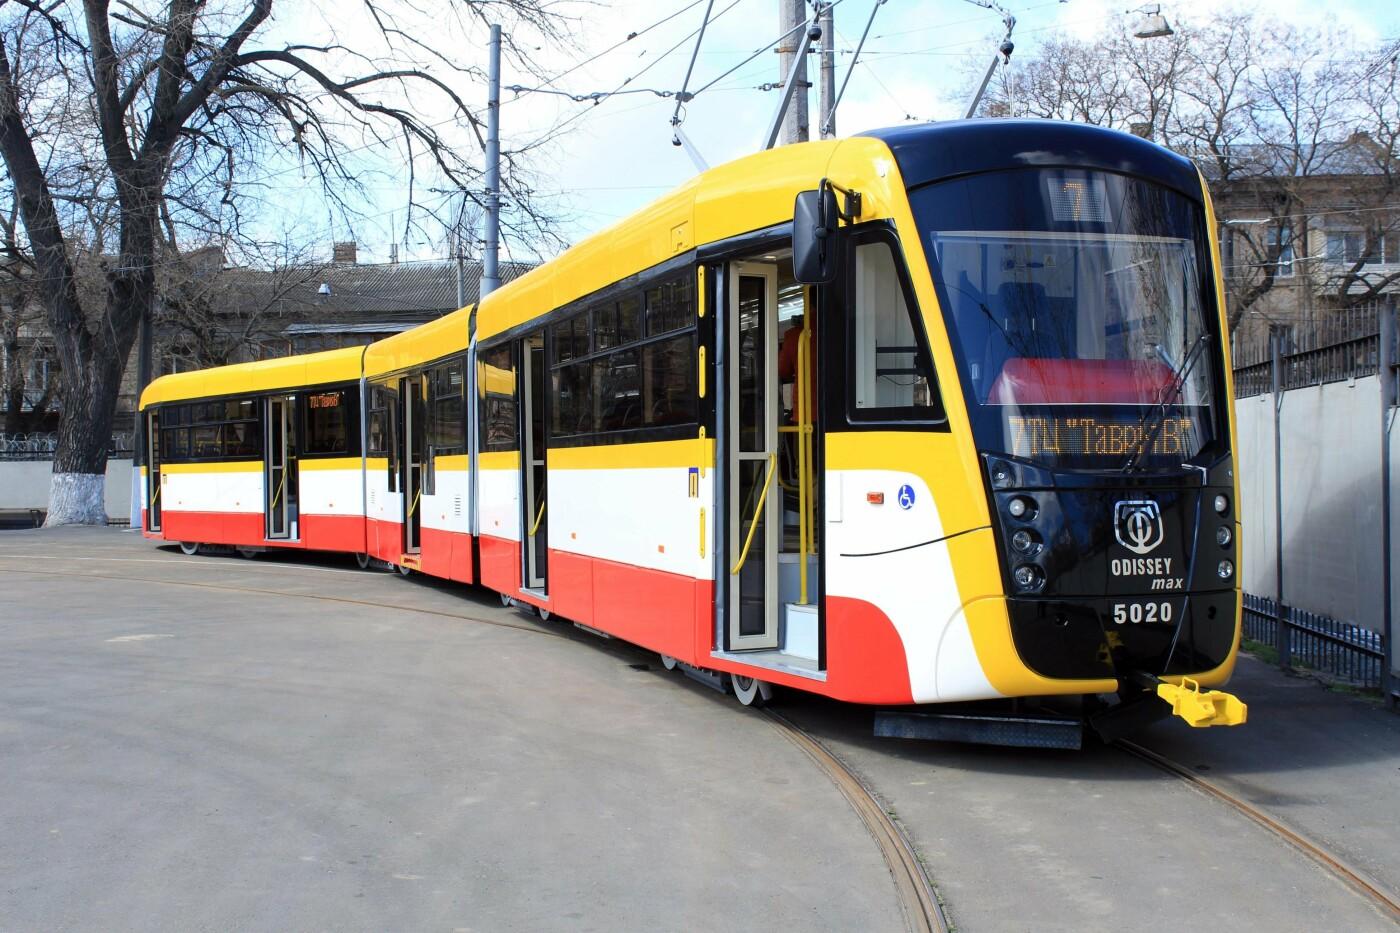 Трамвай на 62 посадочных места: в Одессе выпустили ещё один  Odissey MAX, - ФОТО, ВИДЕО, фото-5